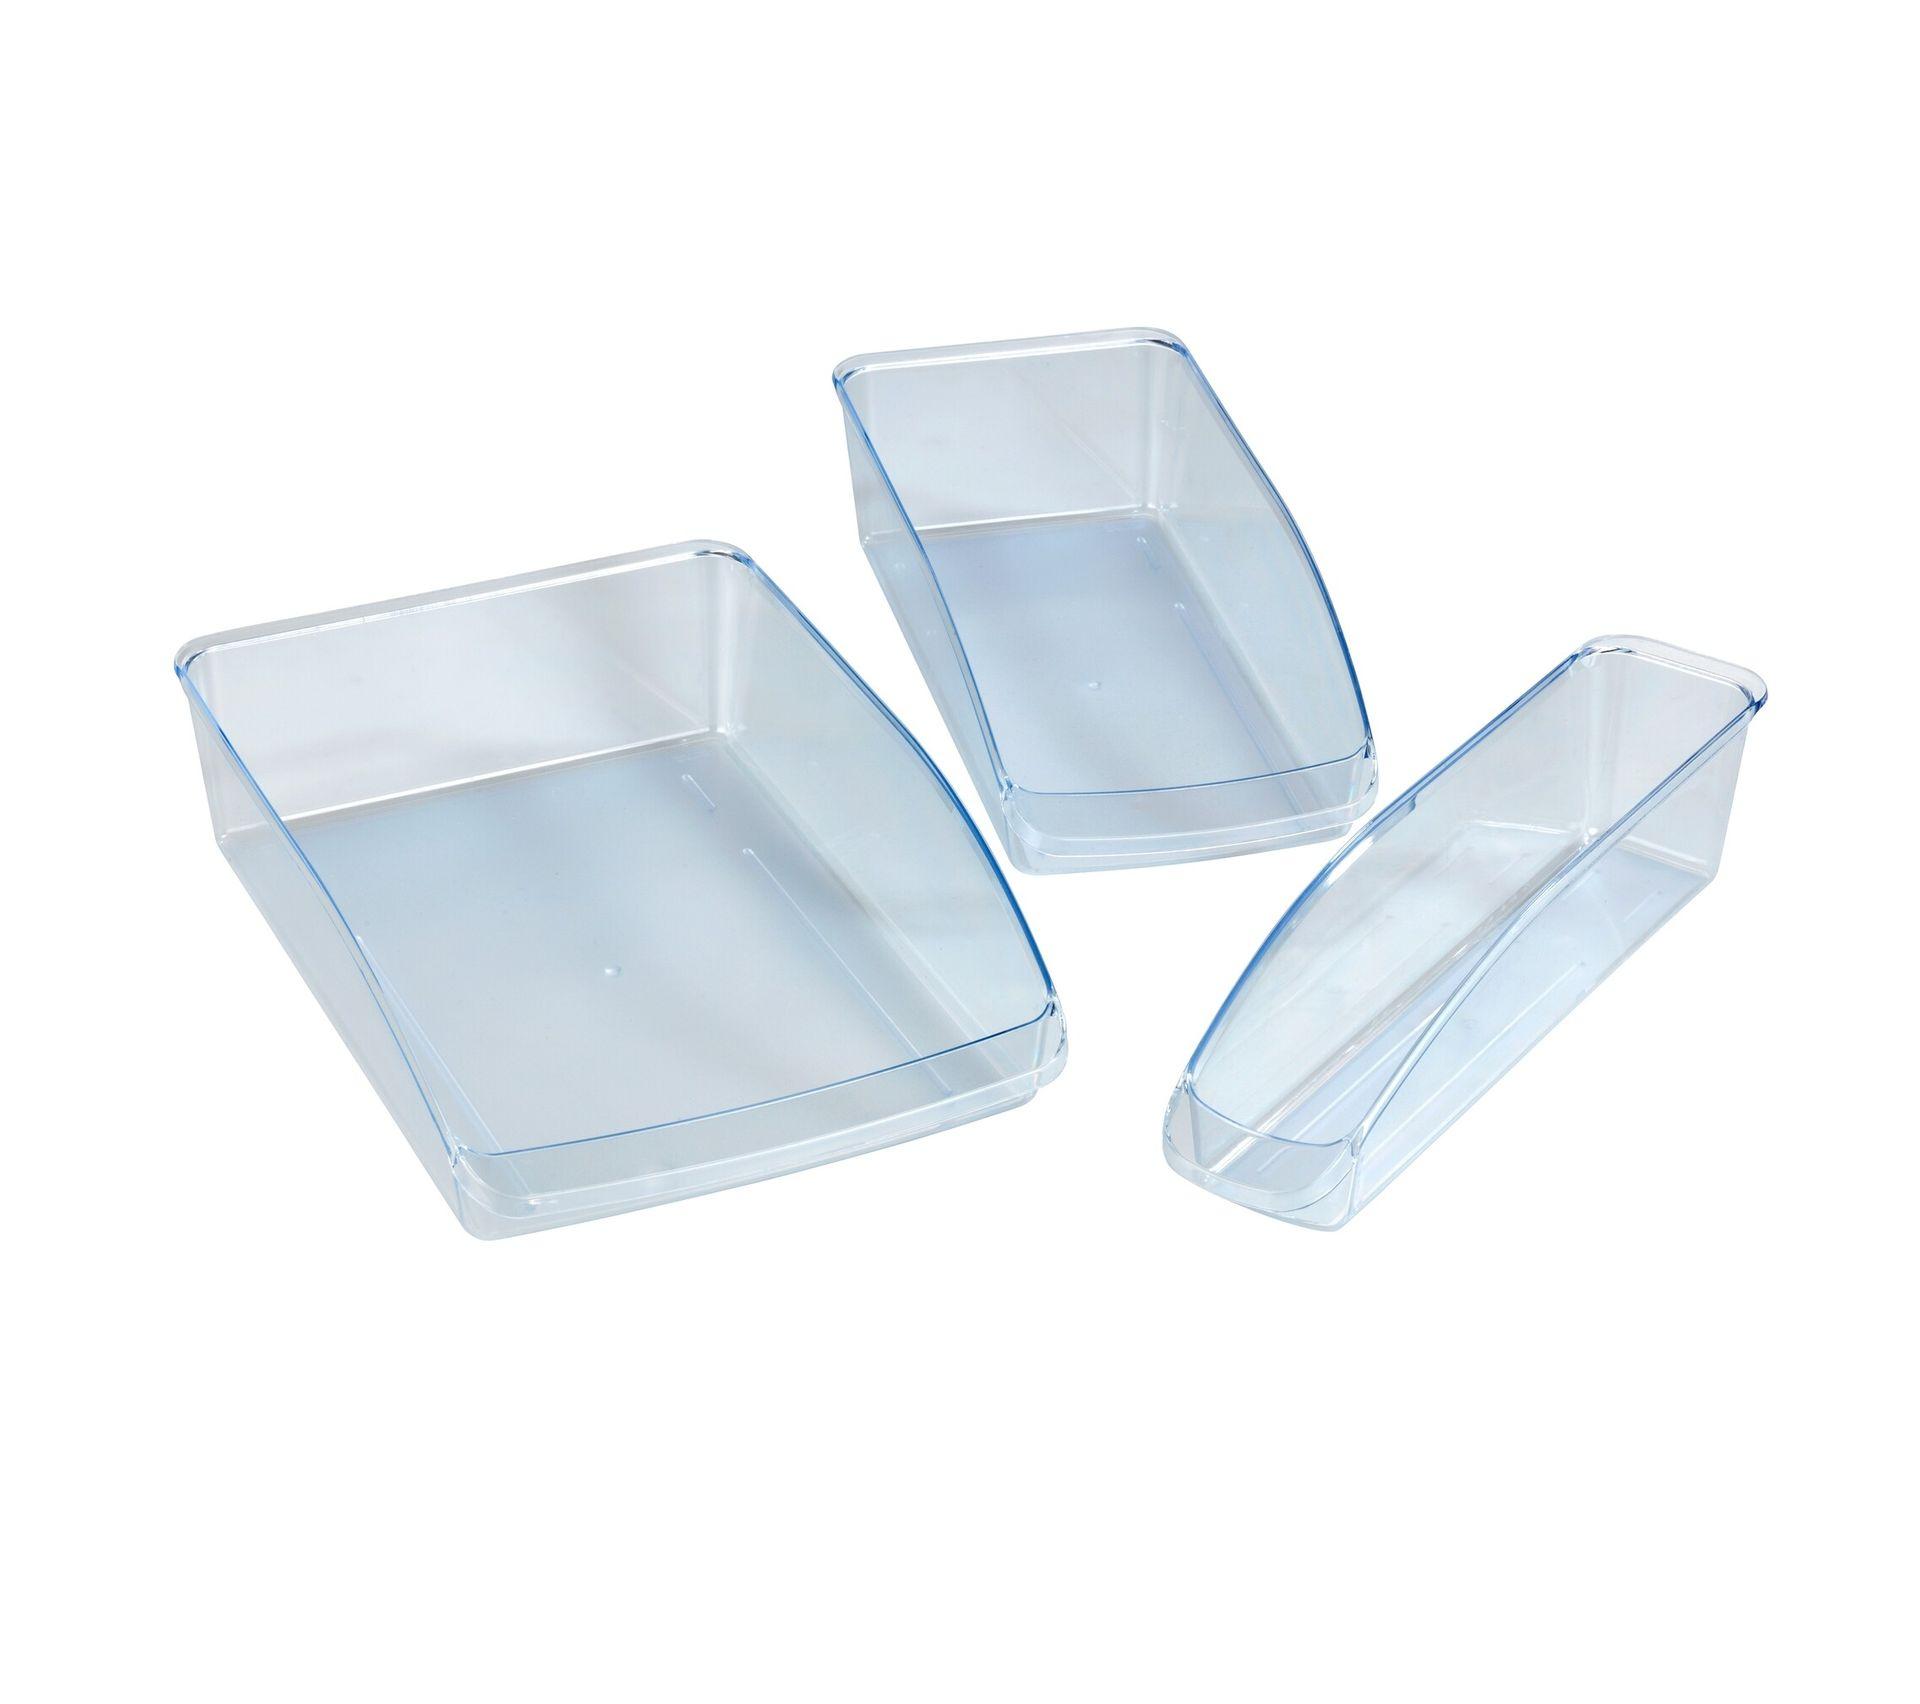 Organisateur Pour Le Wenko Refrigerateur Lot De 3 Accessoire Froid But